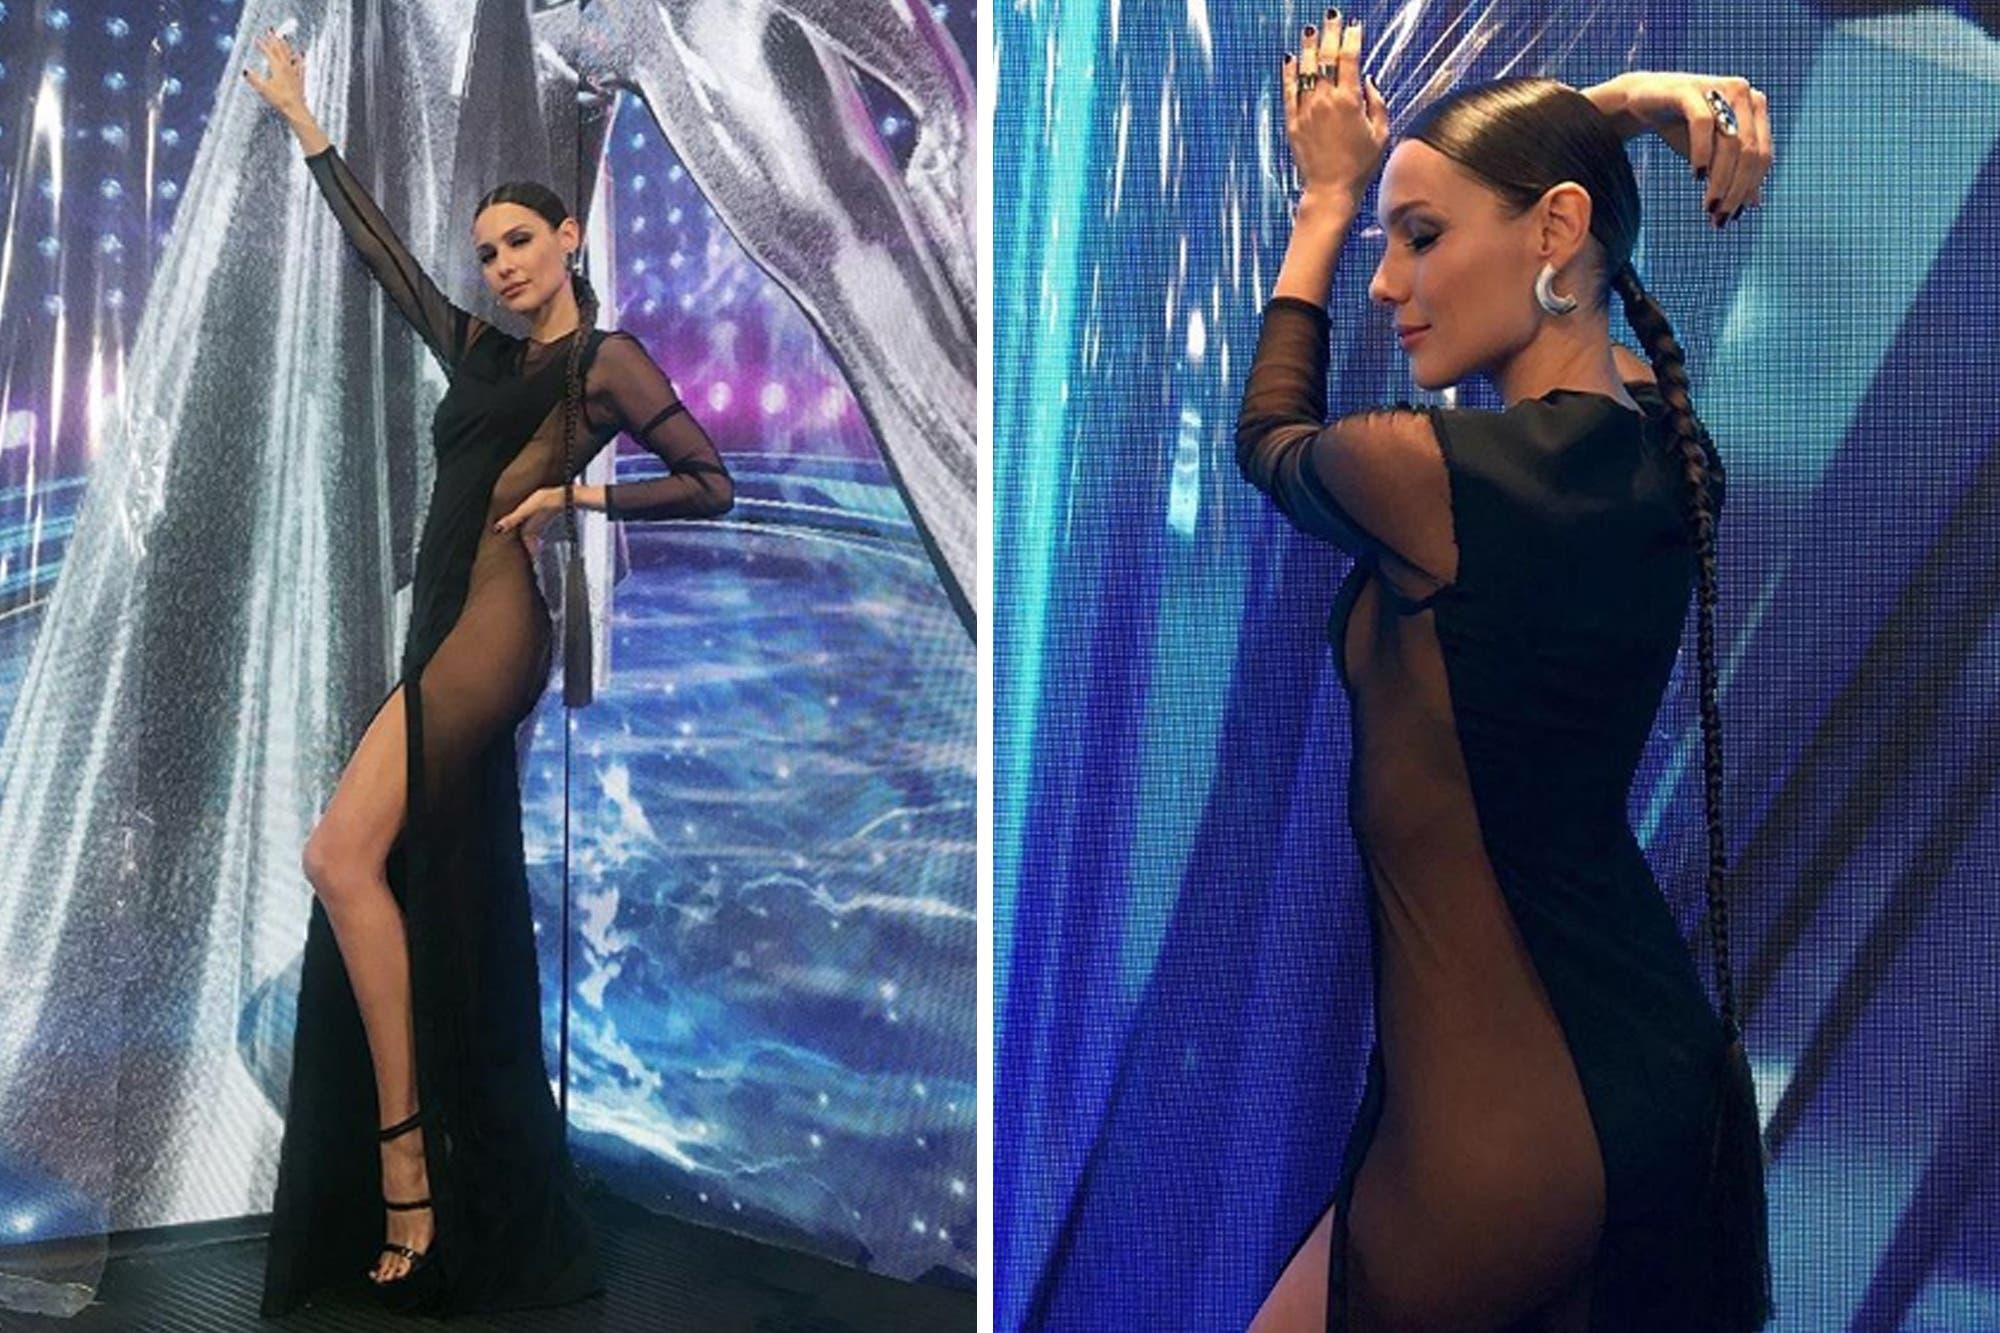 ShowMatch 2018: Pampita Ardohain, entre peleas y su romance con Polito Pieres